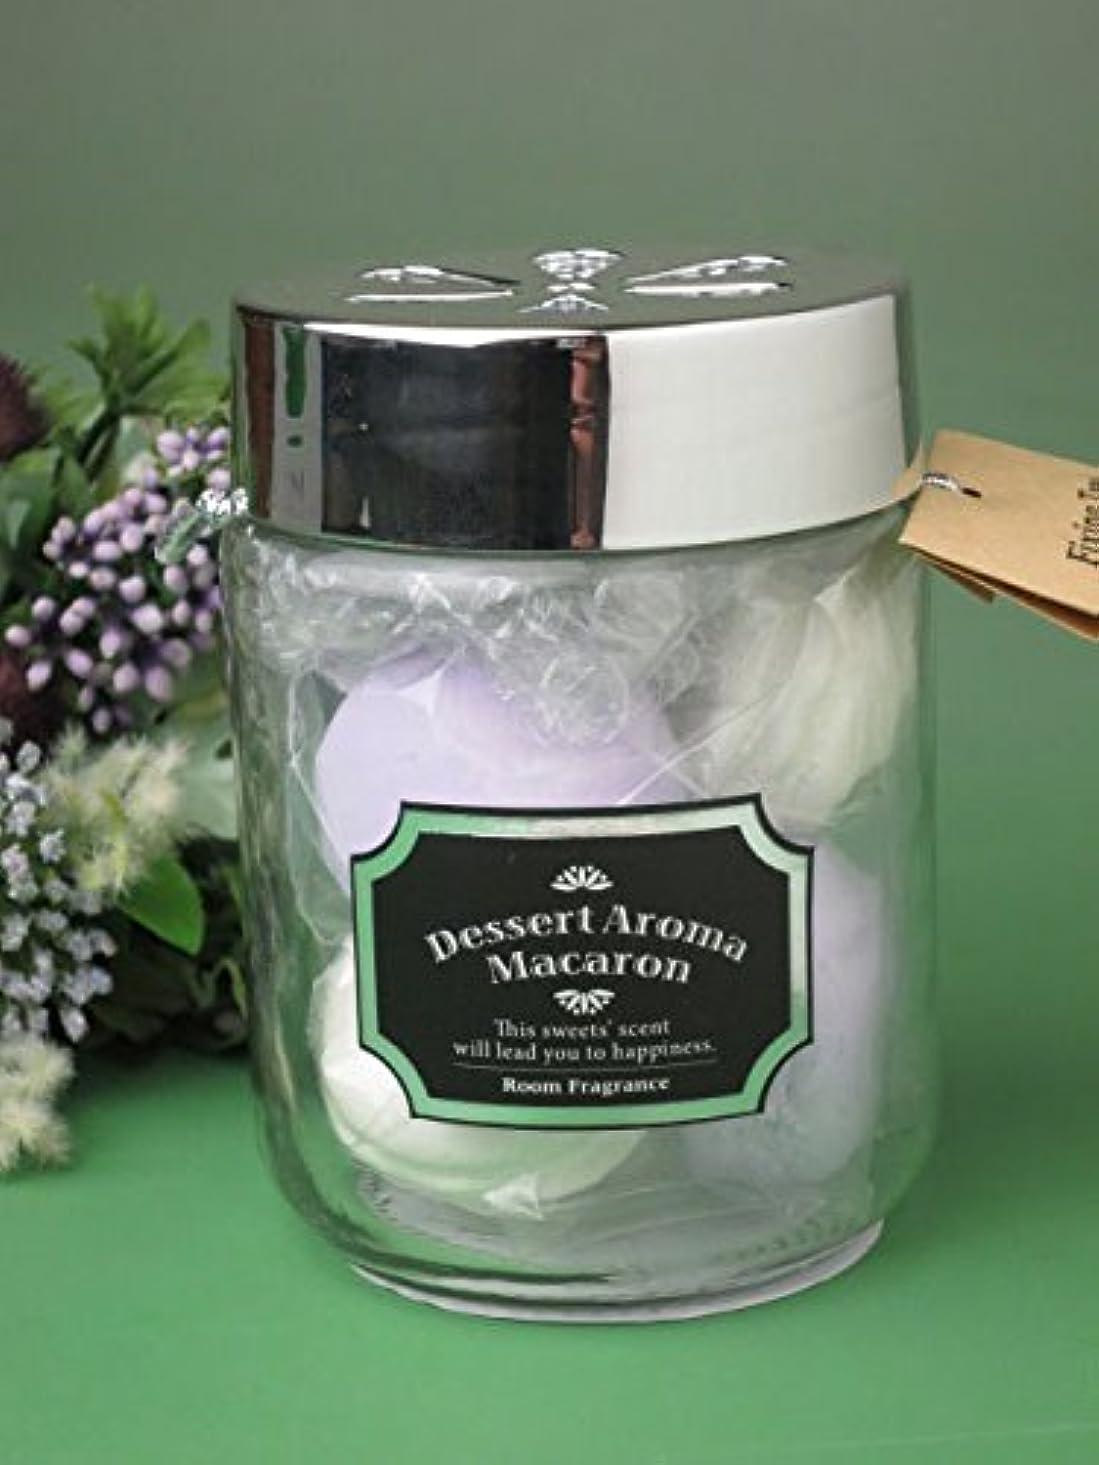 効果解決する堂々たる( デザートアロマ マカロン 芳香剤 ラベンダークリームの香り ) アロマ ルームフレグランス